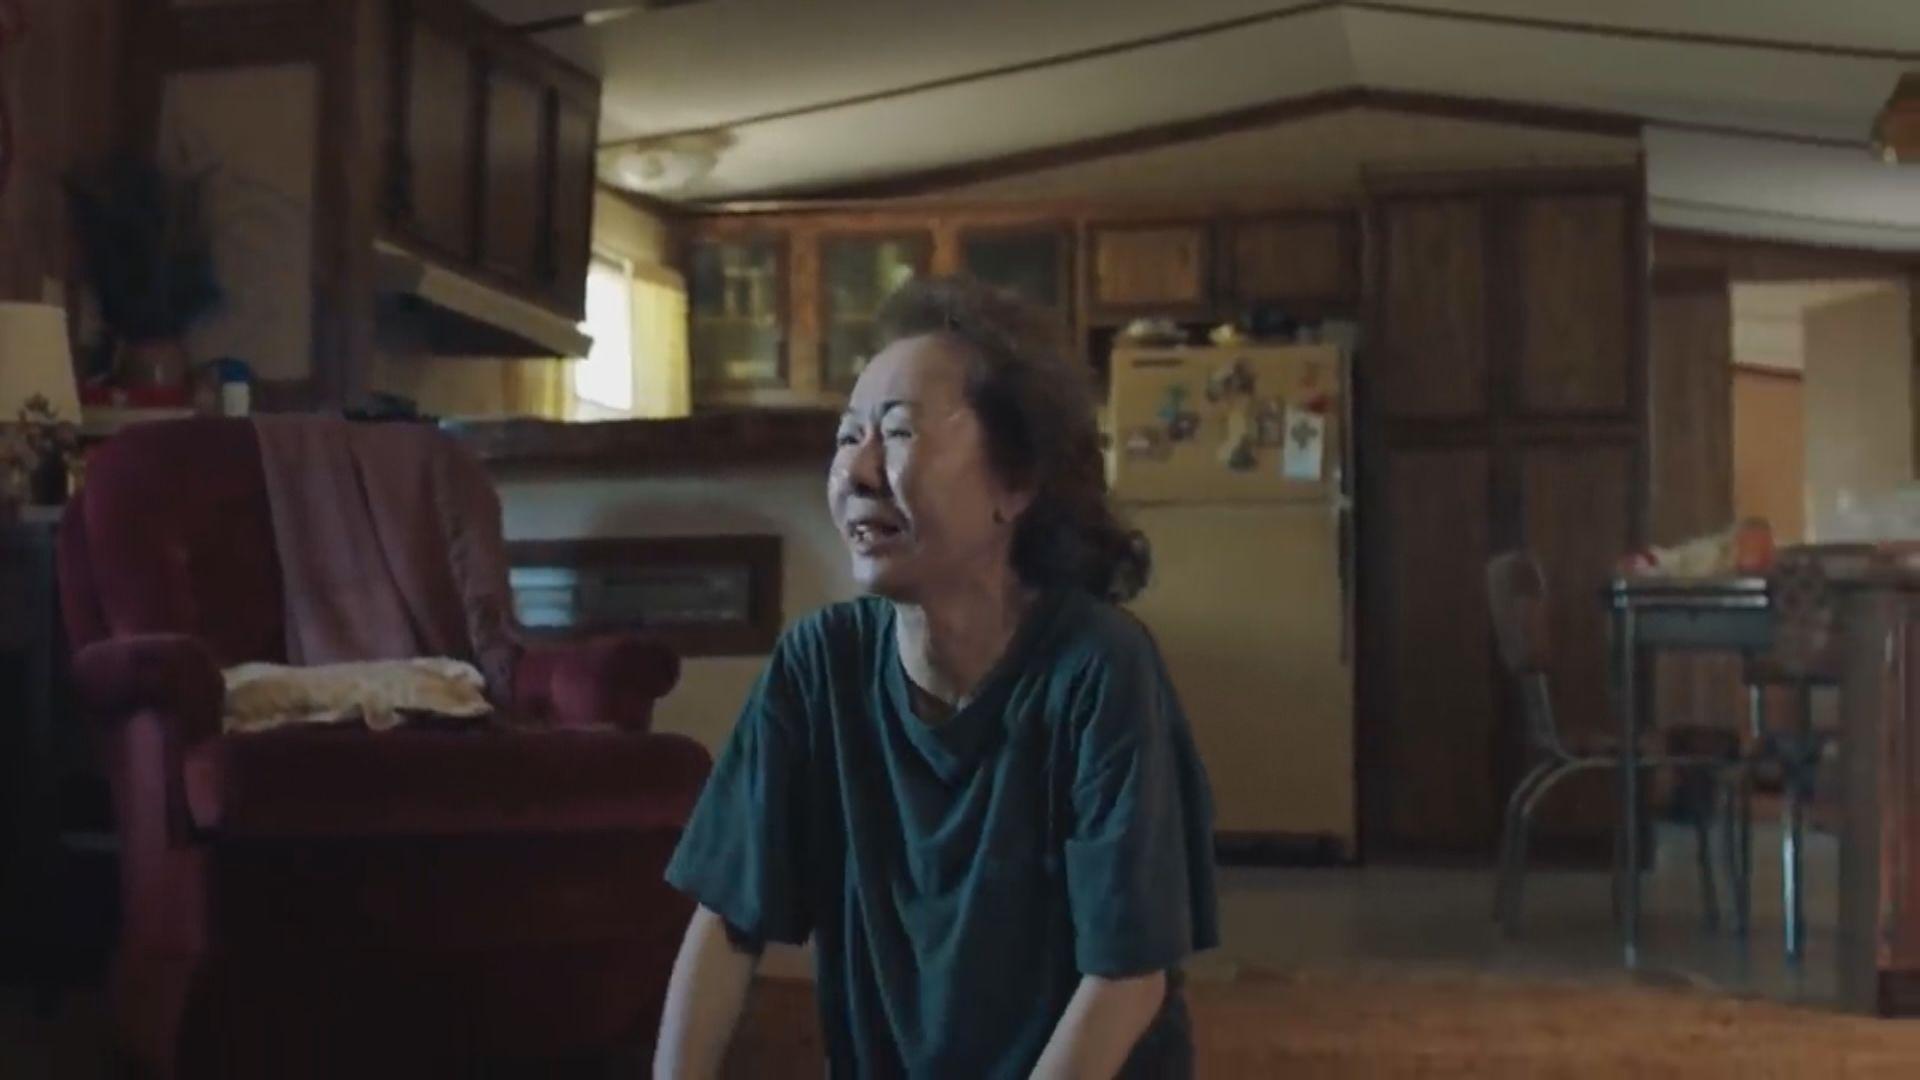 【奧斯卡】南韓女星尹汝貞憑《農情家園》奪最佳女配角